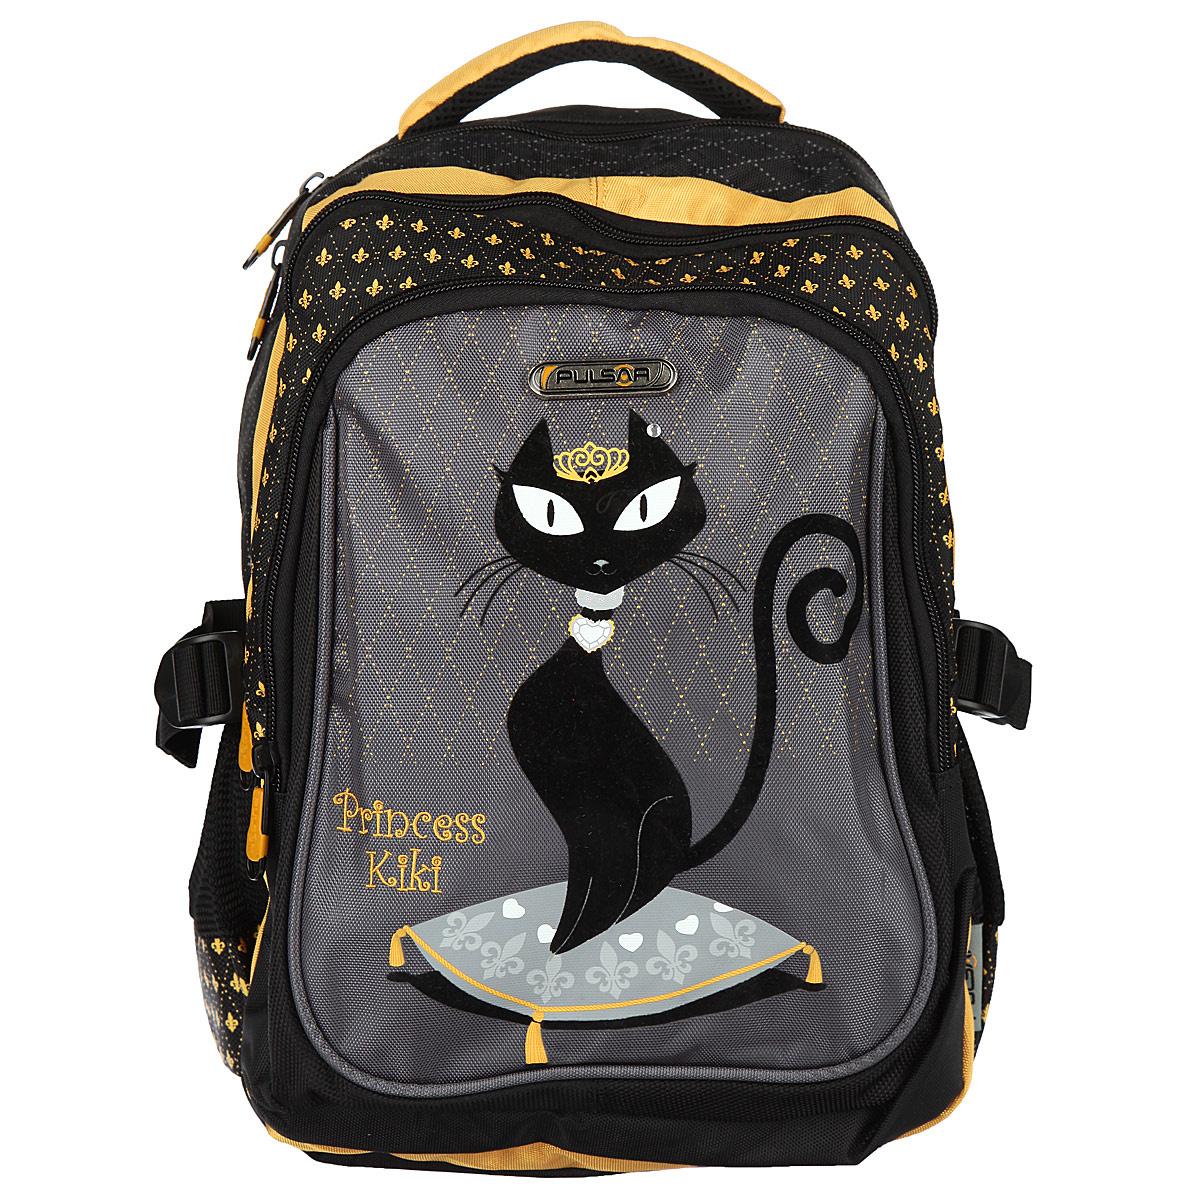 """Рюкзак школьный """"Princess Kiki"""", цвет: черный, серый, гречишный. V8049-151  #1"""